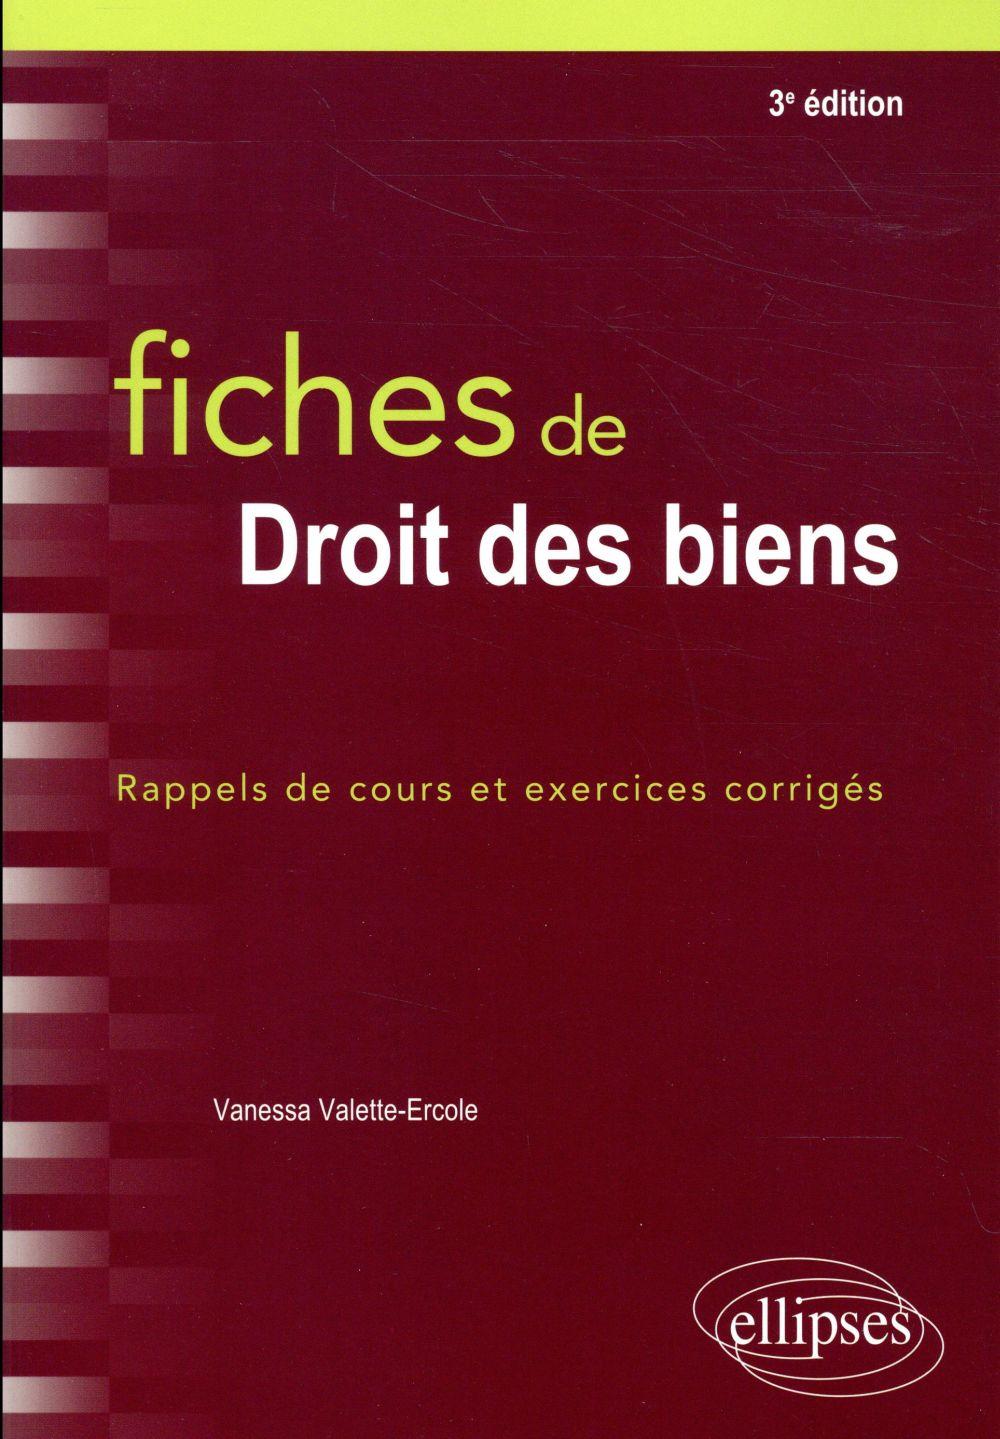 FICHES DE DROIT DES BIENS 3EME EDITION